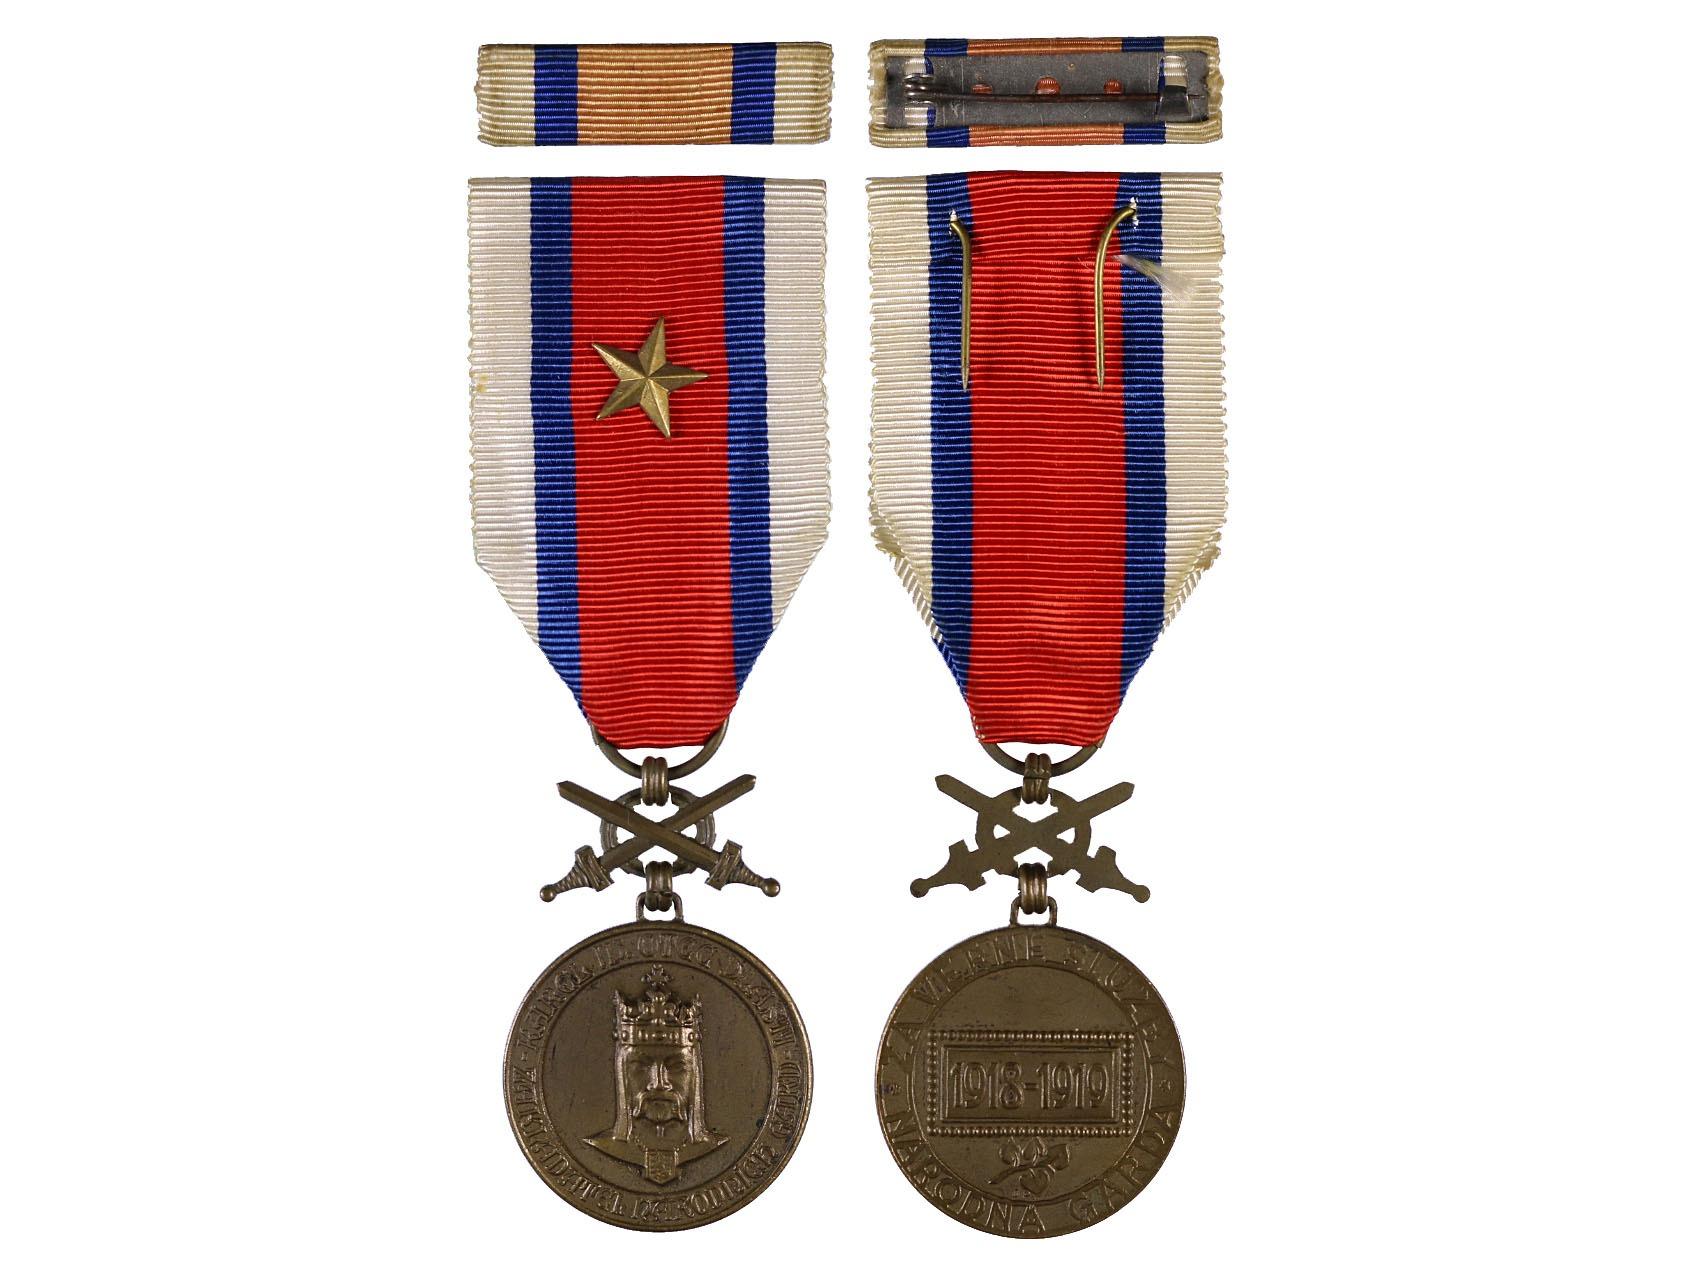 Bronzová Pamětní medaileDOK, Za věrné služby, 1918-1919, N99.2a